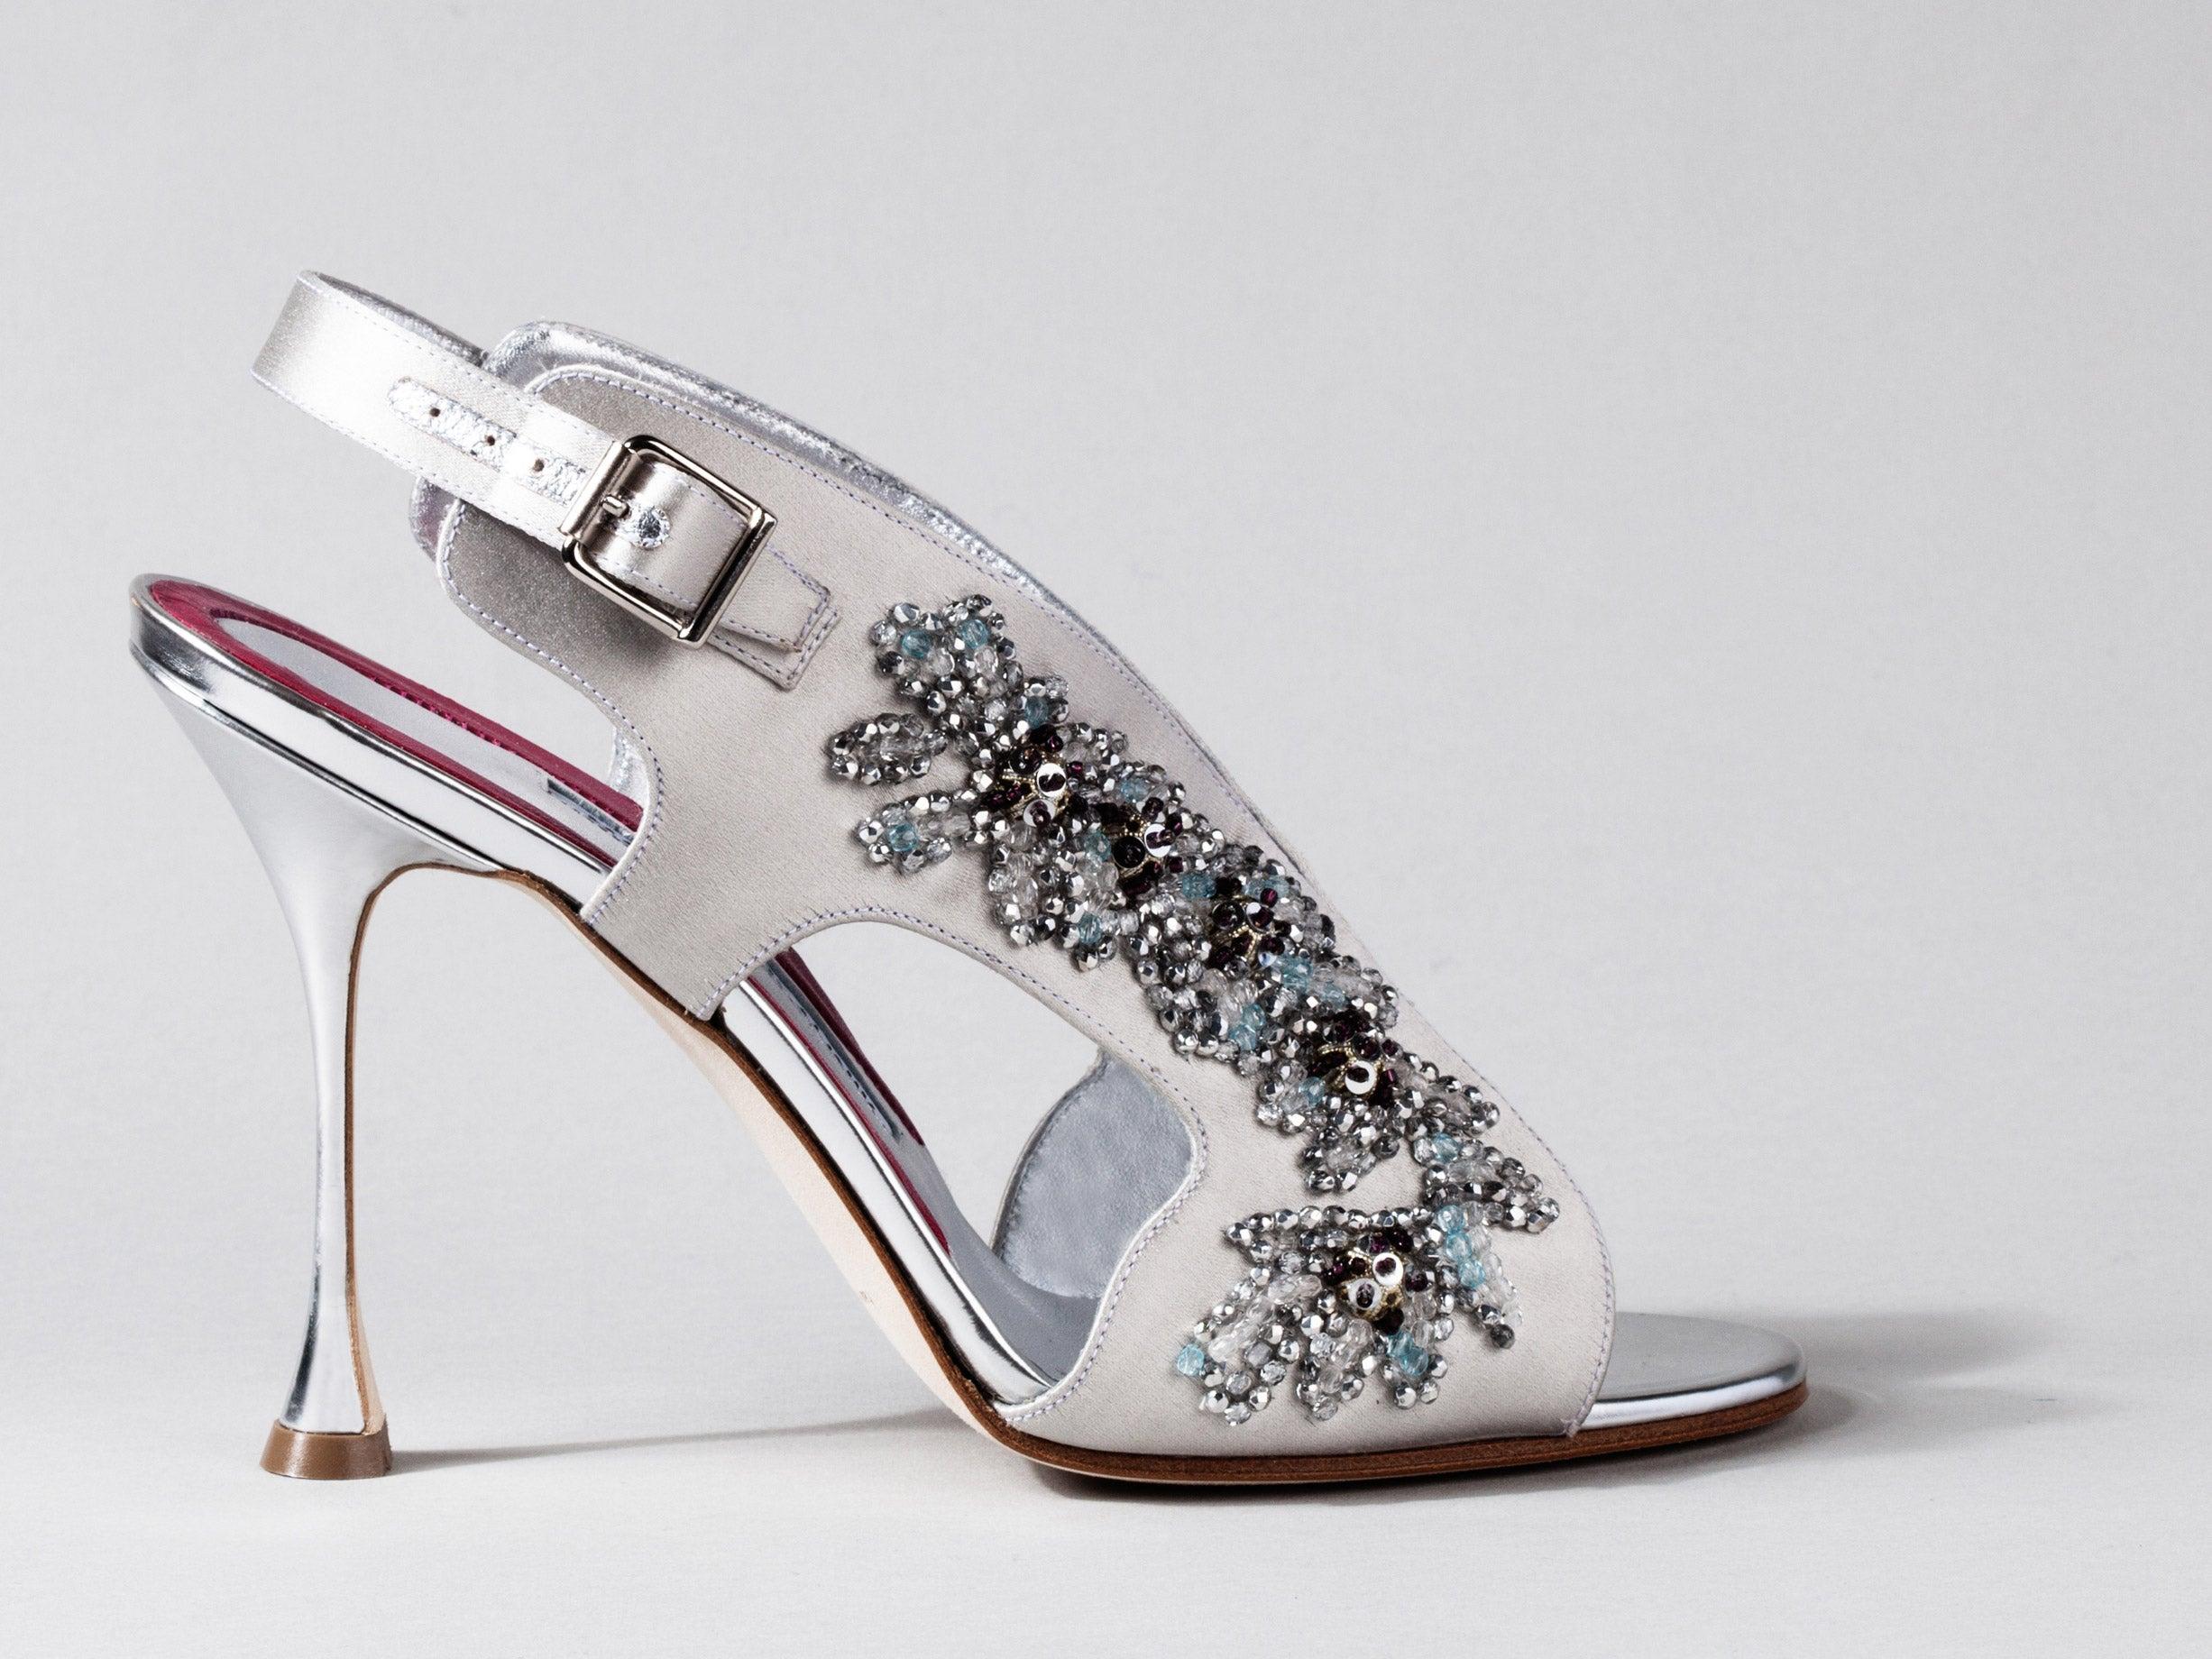 052e4af72d1d Disney unveils Cinderella inspired designer shoes